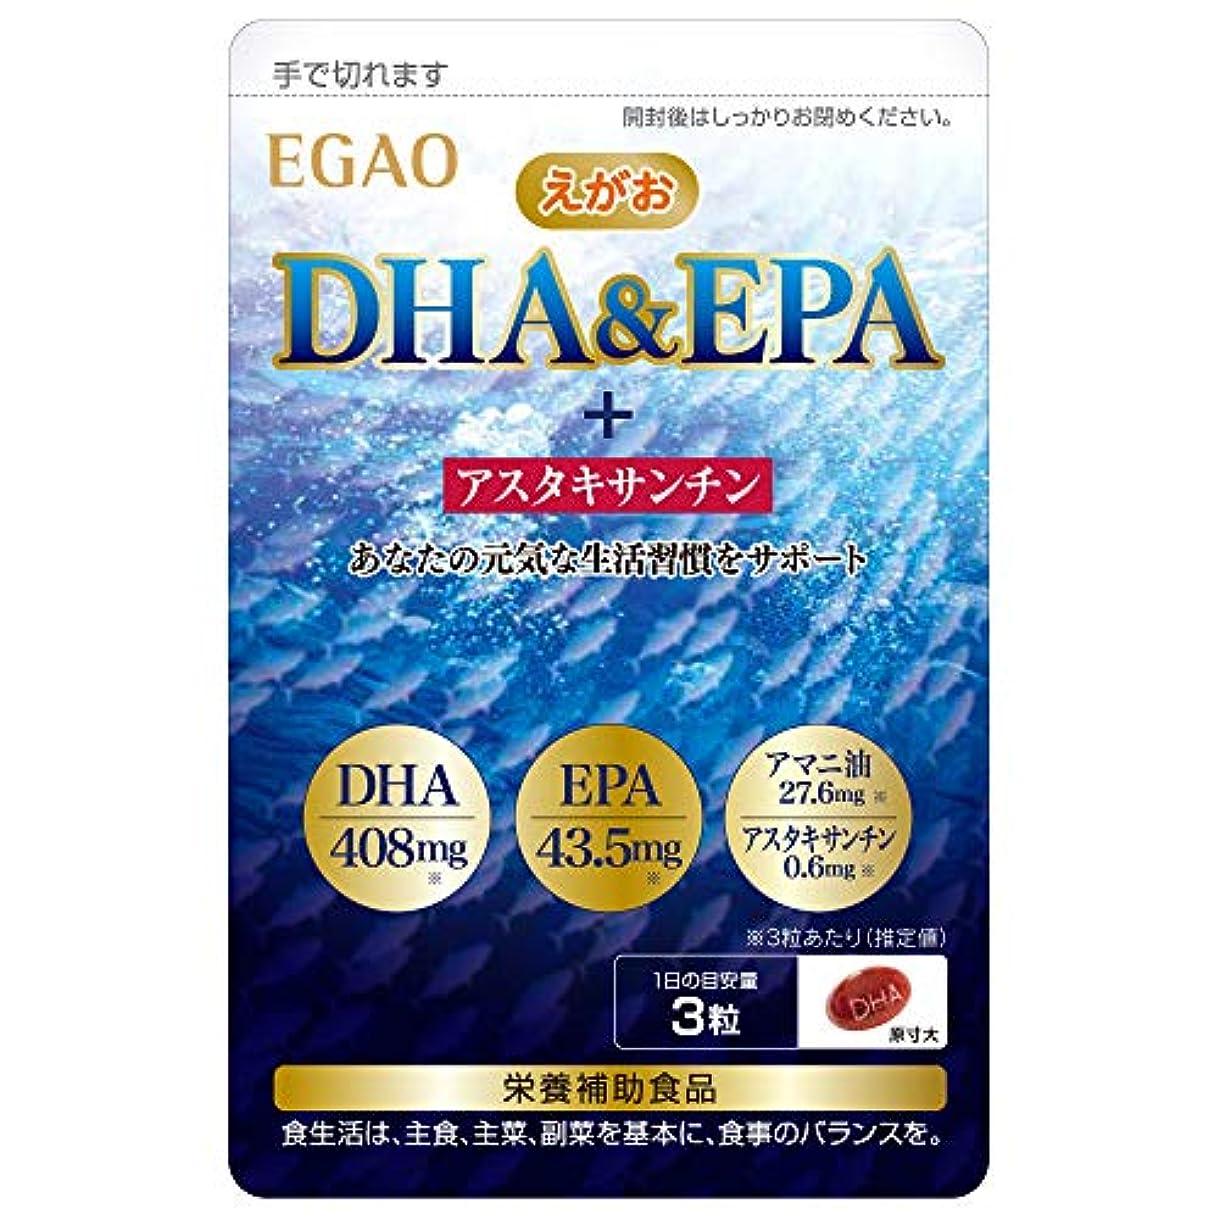 有害時々明らかにえがおの DHA&EPA+アスタキサンチン 【1袋】(1袋/93粒入り 約1ヵ月分) 栄養補助食品